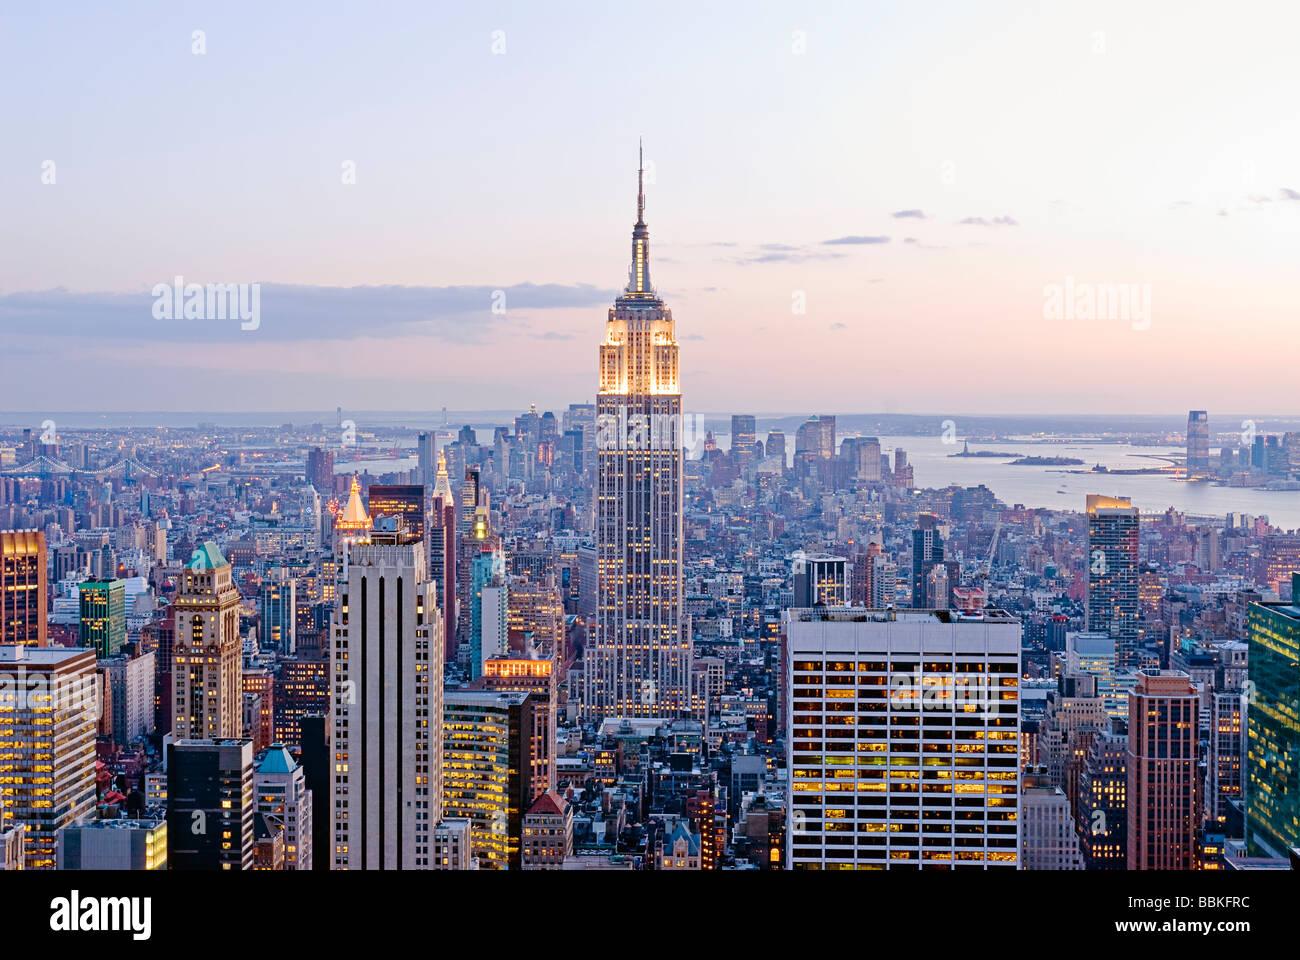 Vue aérienne de Manhattan avec l'Empire State Building, New York City. Photo Stock